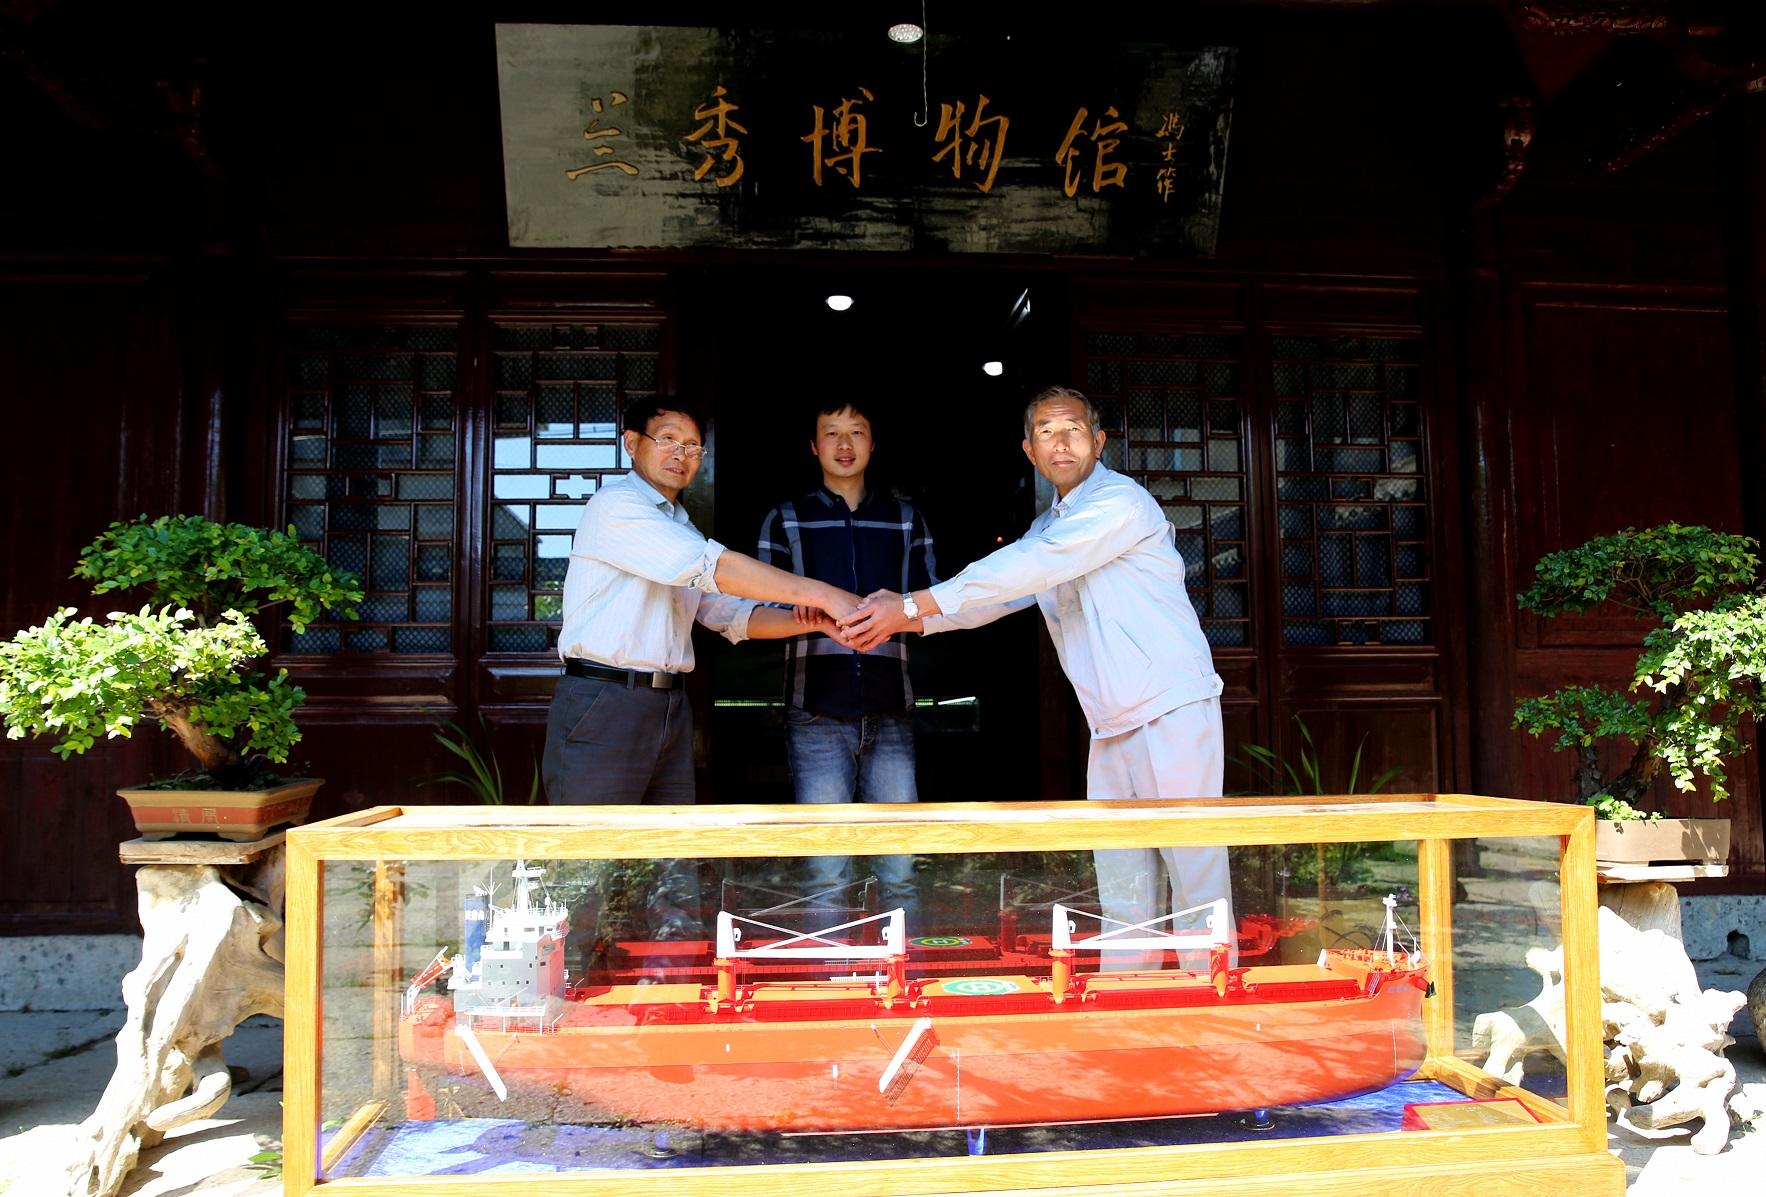 常石集团(舟山)造船有限公司向浙江省舟山市秀山乡兰秀博物馆赠送5万8千吨散货船模型